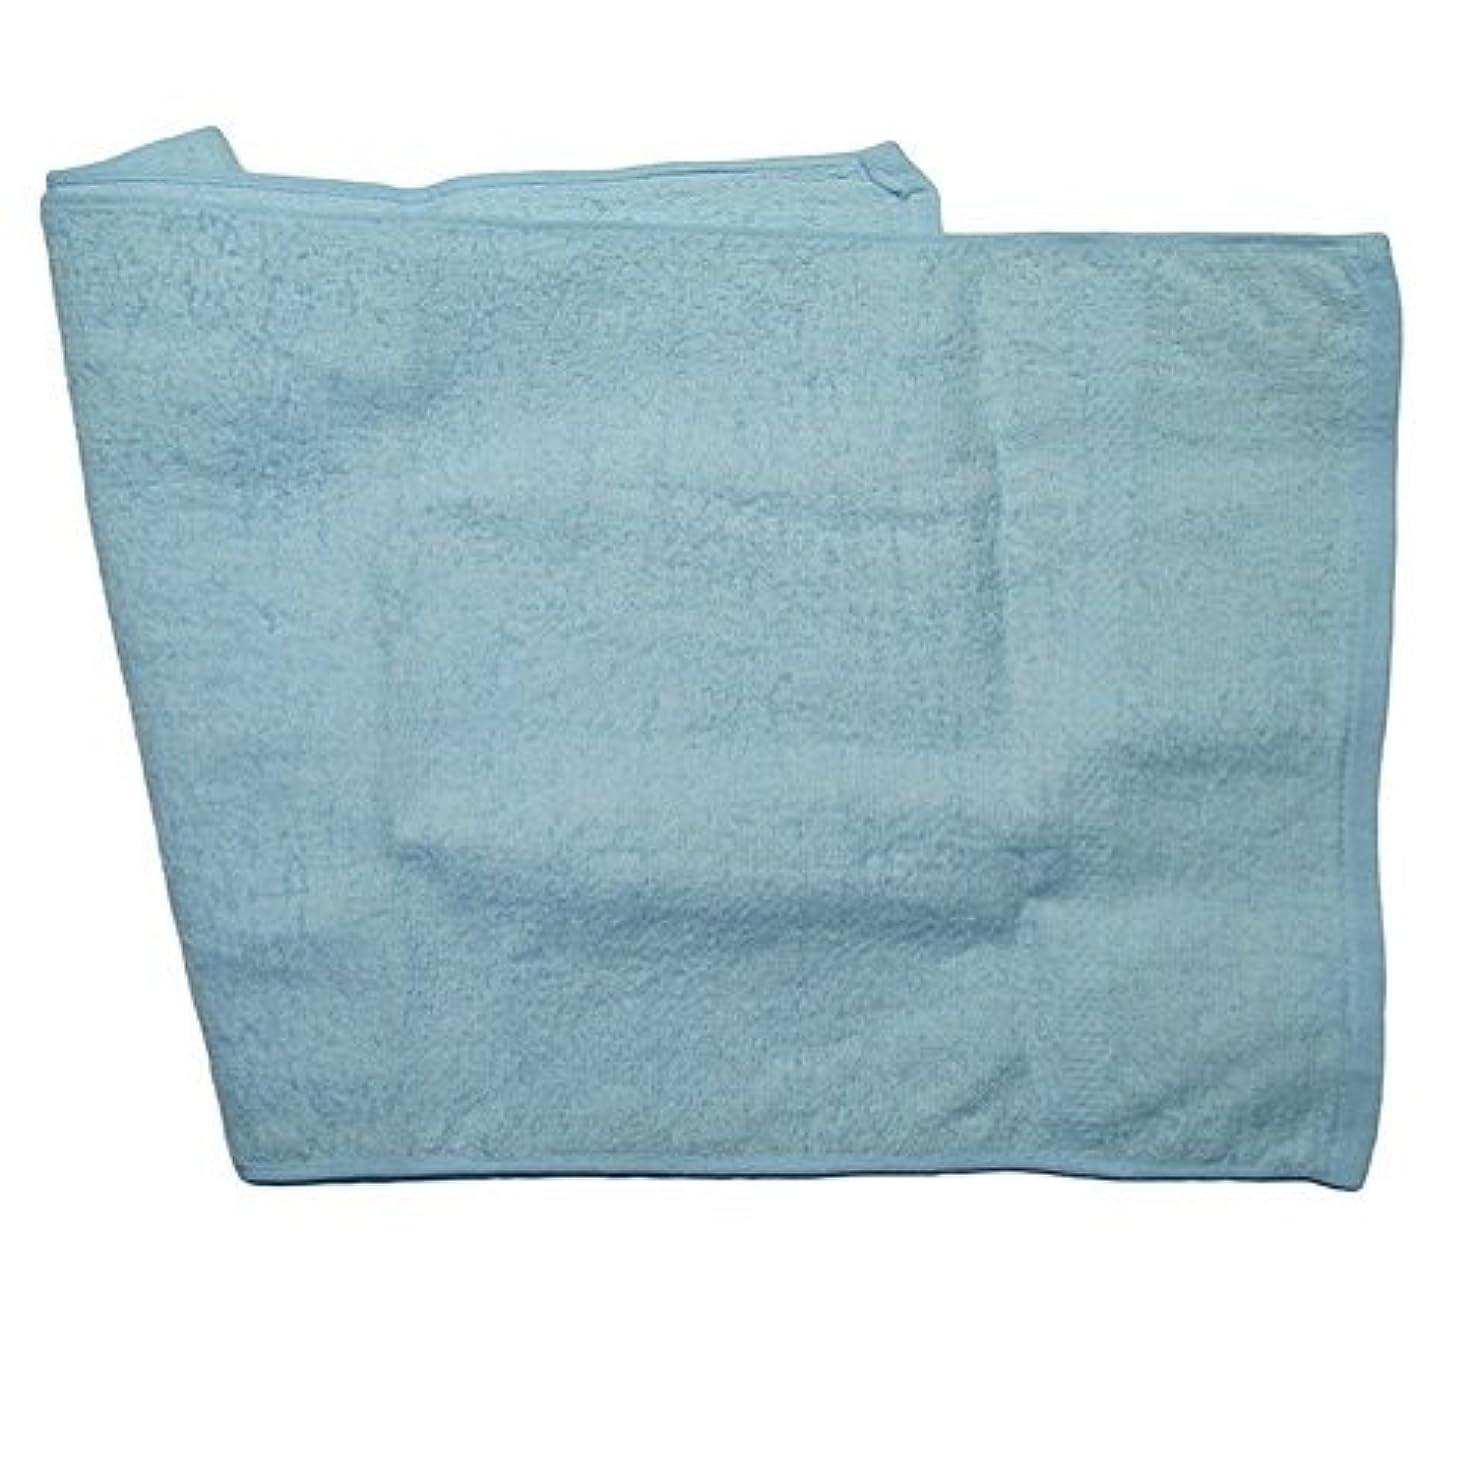 保護アレルギー肩をすくめる健康タオル ハダピカ ブルー